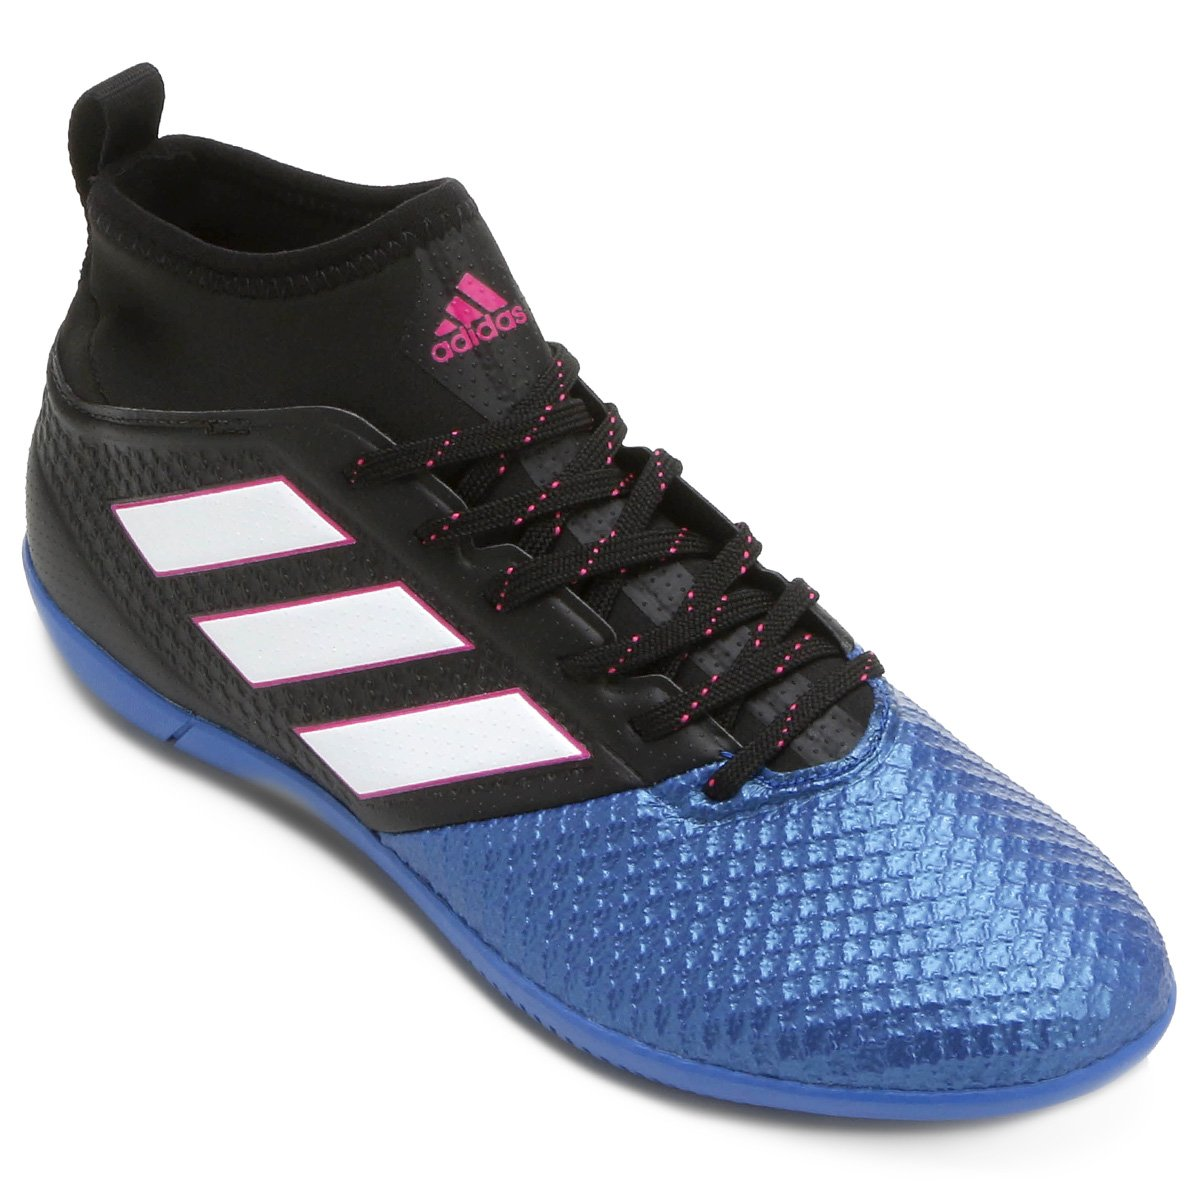 ba9f7372ea1d7 Chuteira Futsal Adidas Ace 17.3 IN - Preto e Azul - Compre Agora ...